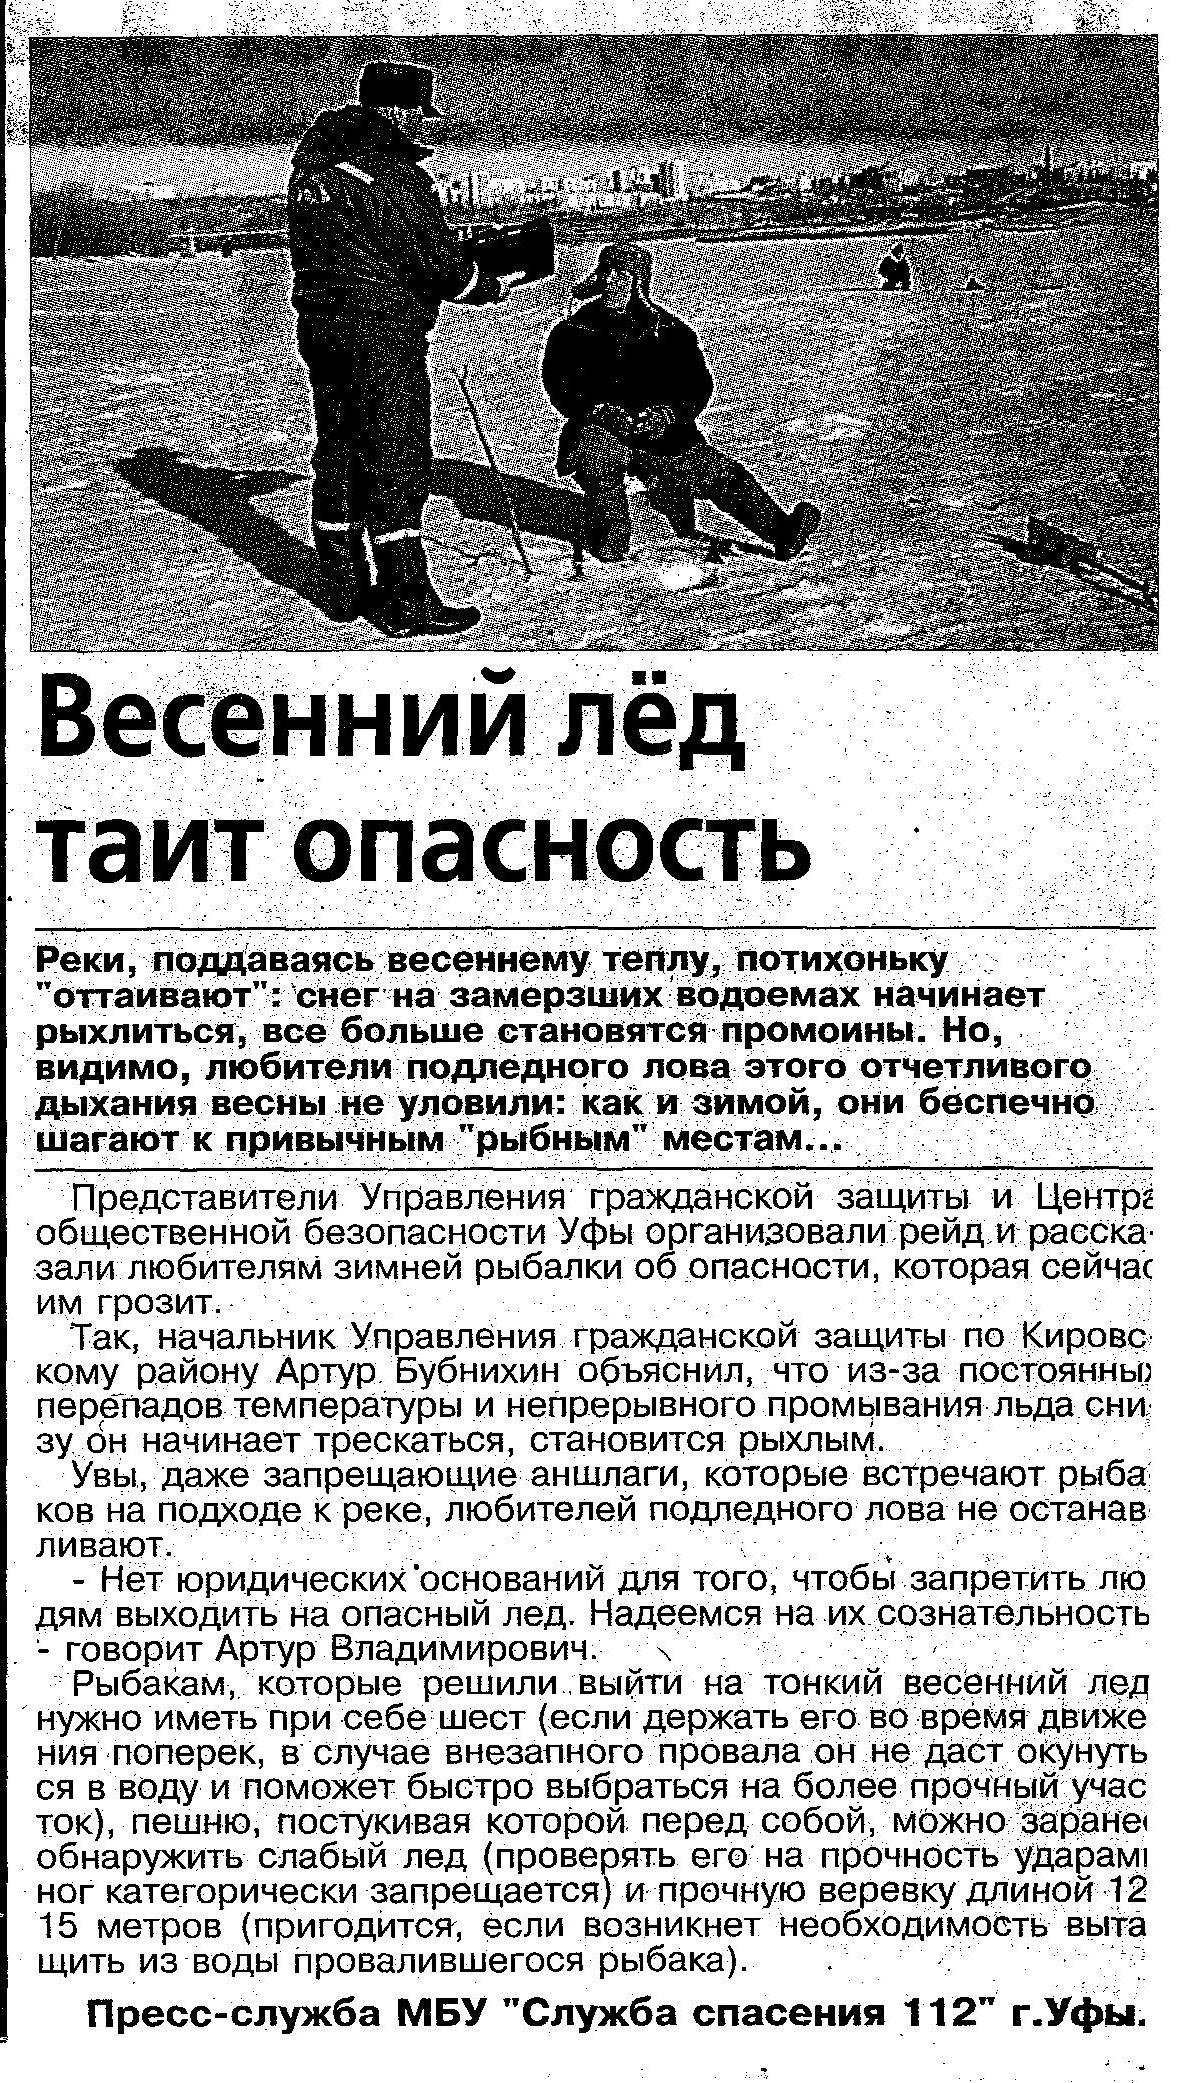 02.04.15 Весенний лед таит опасность